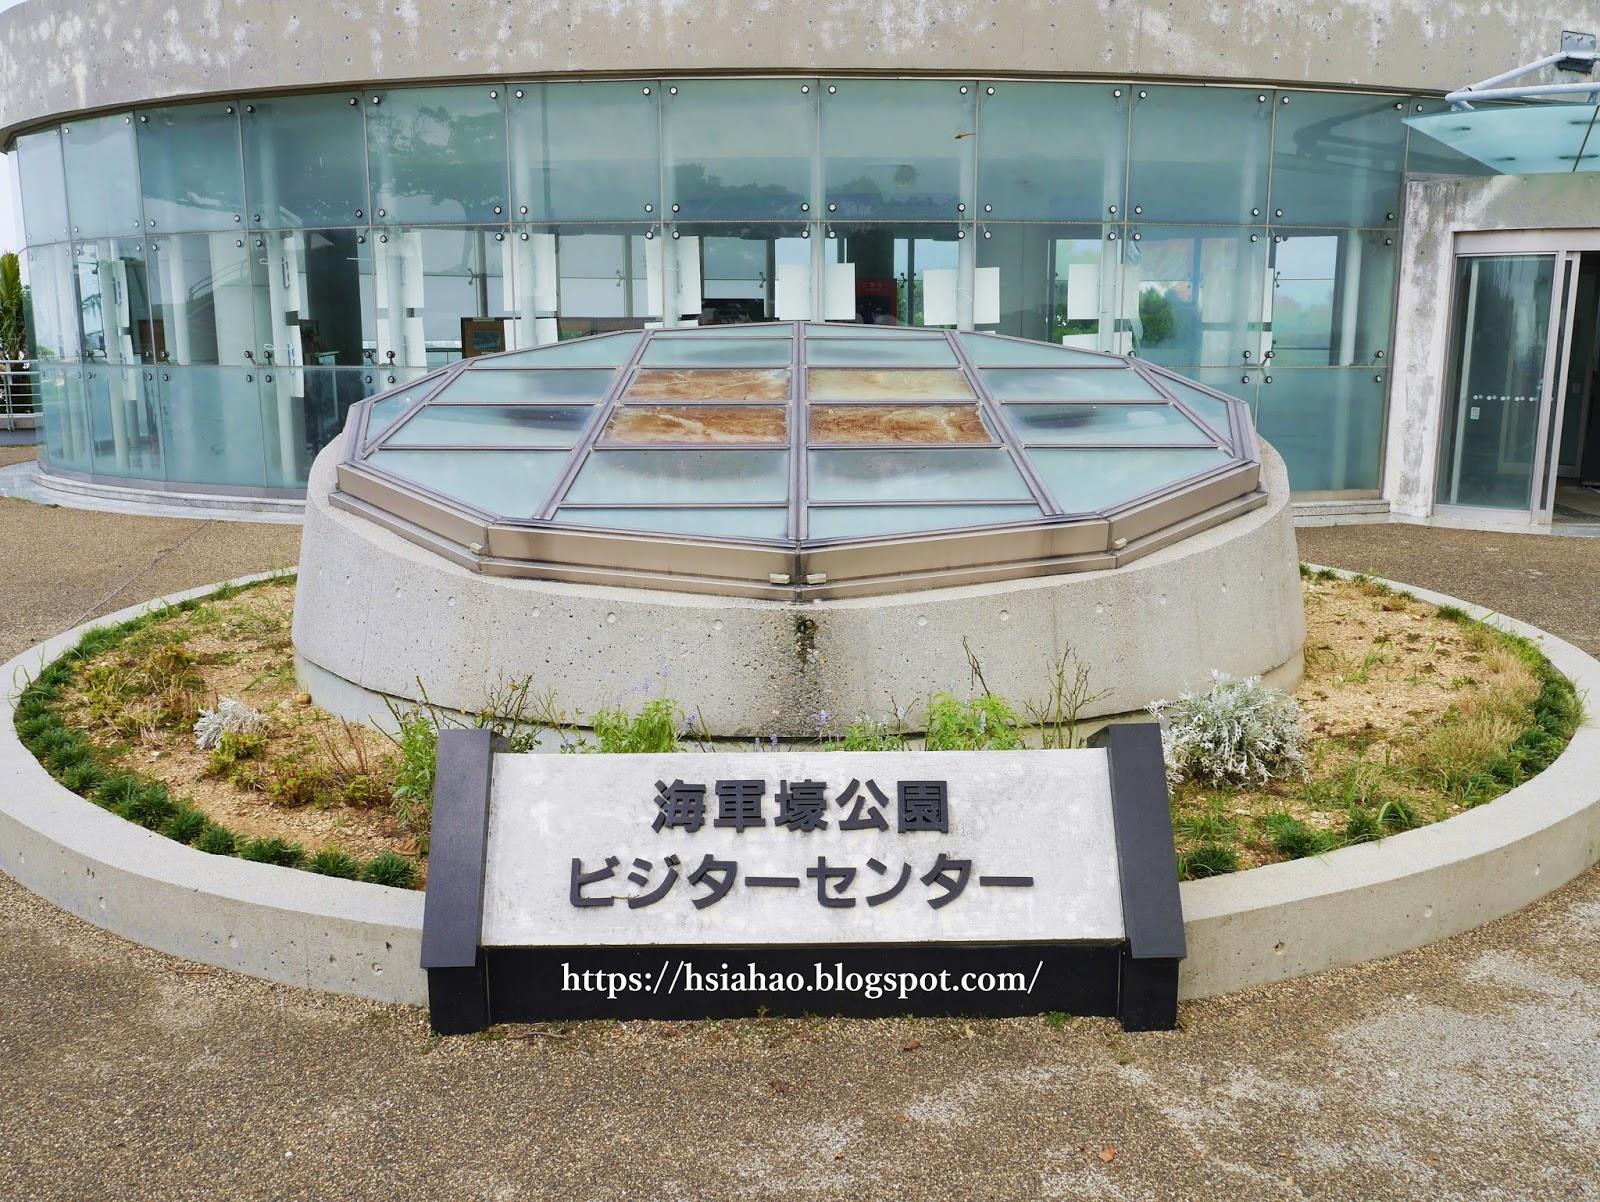 沖繩-那霸-景點-海軍壕公園-自由行-旅遊-Okinawa-kaigungou